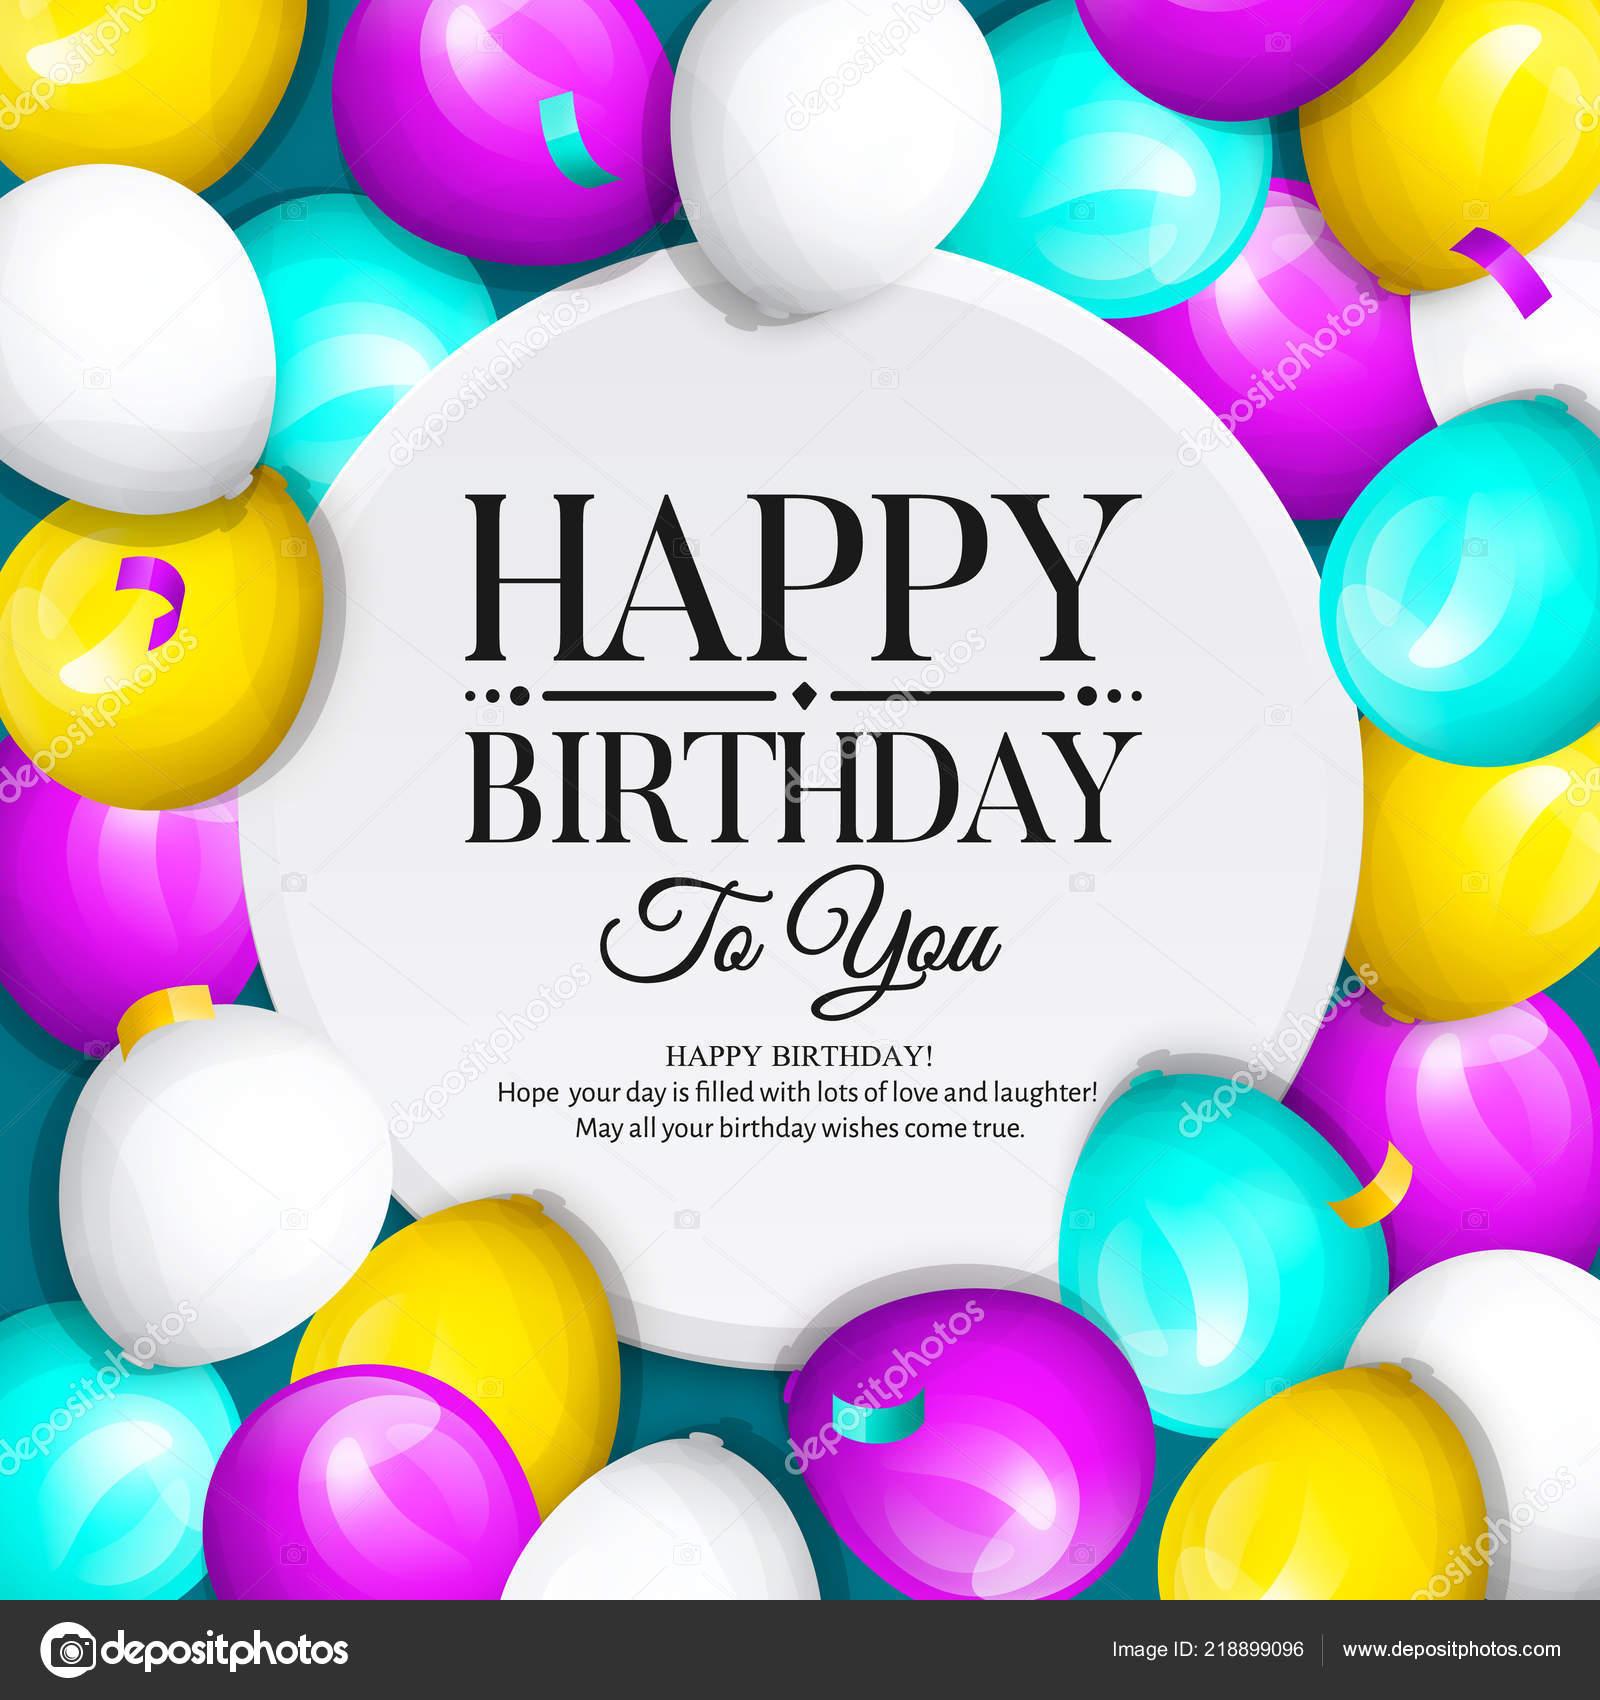 Happy Birthday Grusskarte Jede Menge Bunte Luftballons Und Konfetti Stilvolle Schriftzug Auf Hintergrund Vektor Von Nikolamirejovska